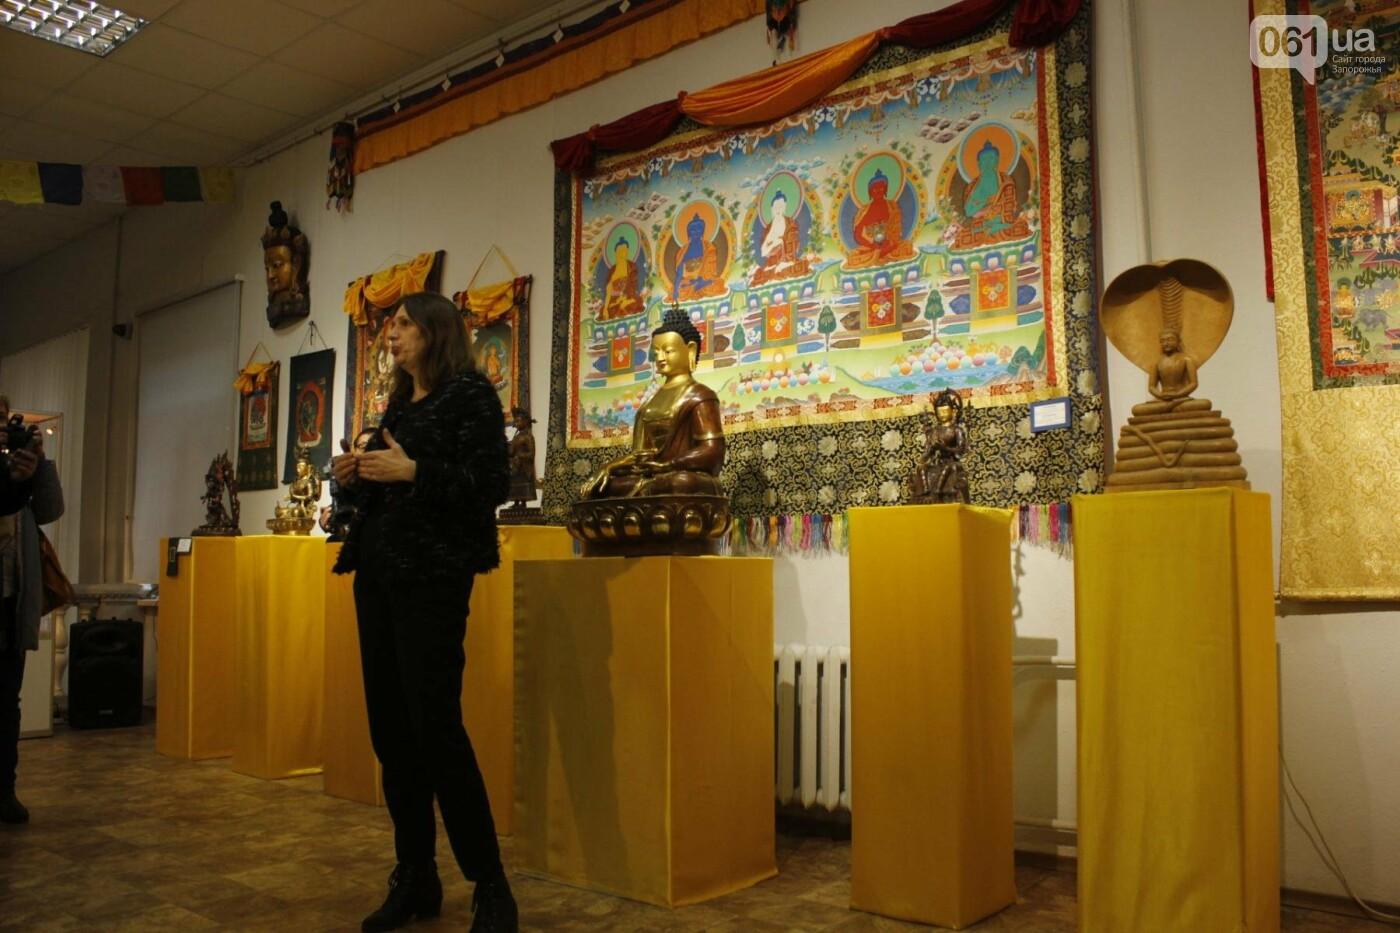 """В Запорожье выставка """"Сокровища Тибета"""" открыла Дни буддийской культуры, - ФОТОРЕПОРТАЖ, фото-3"""